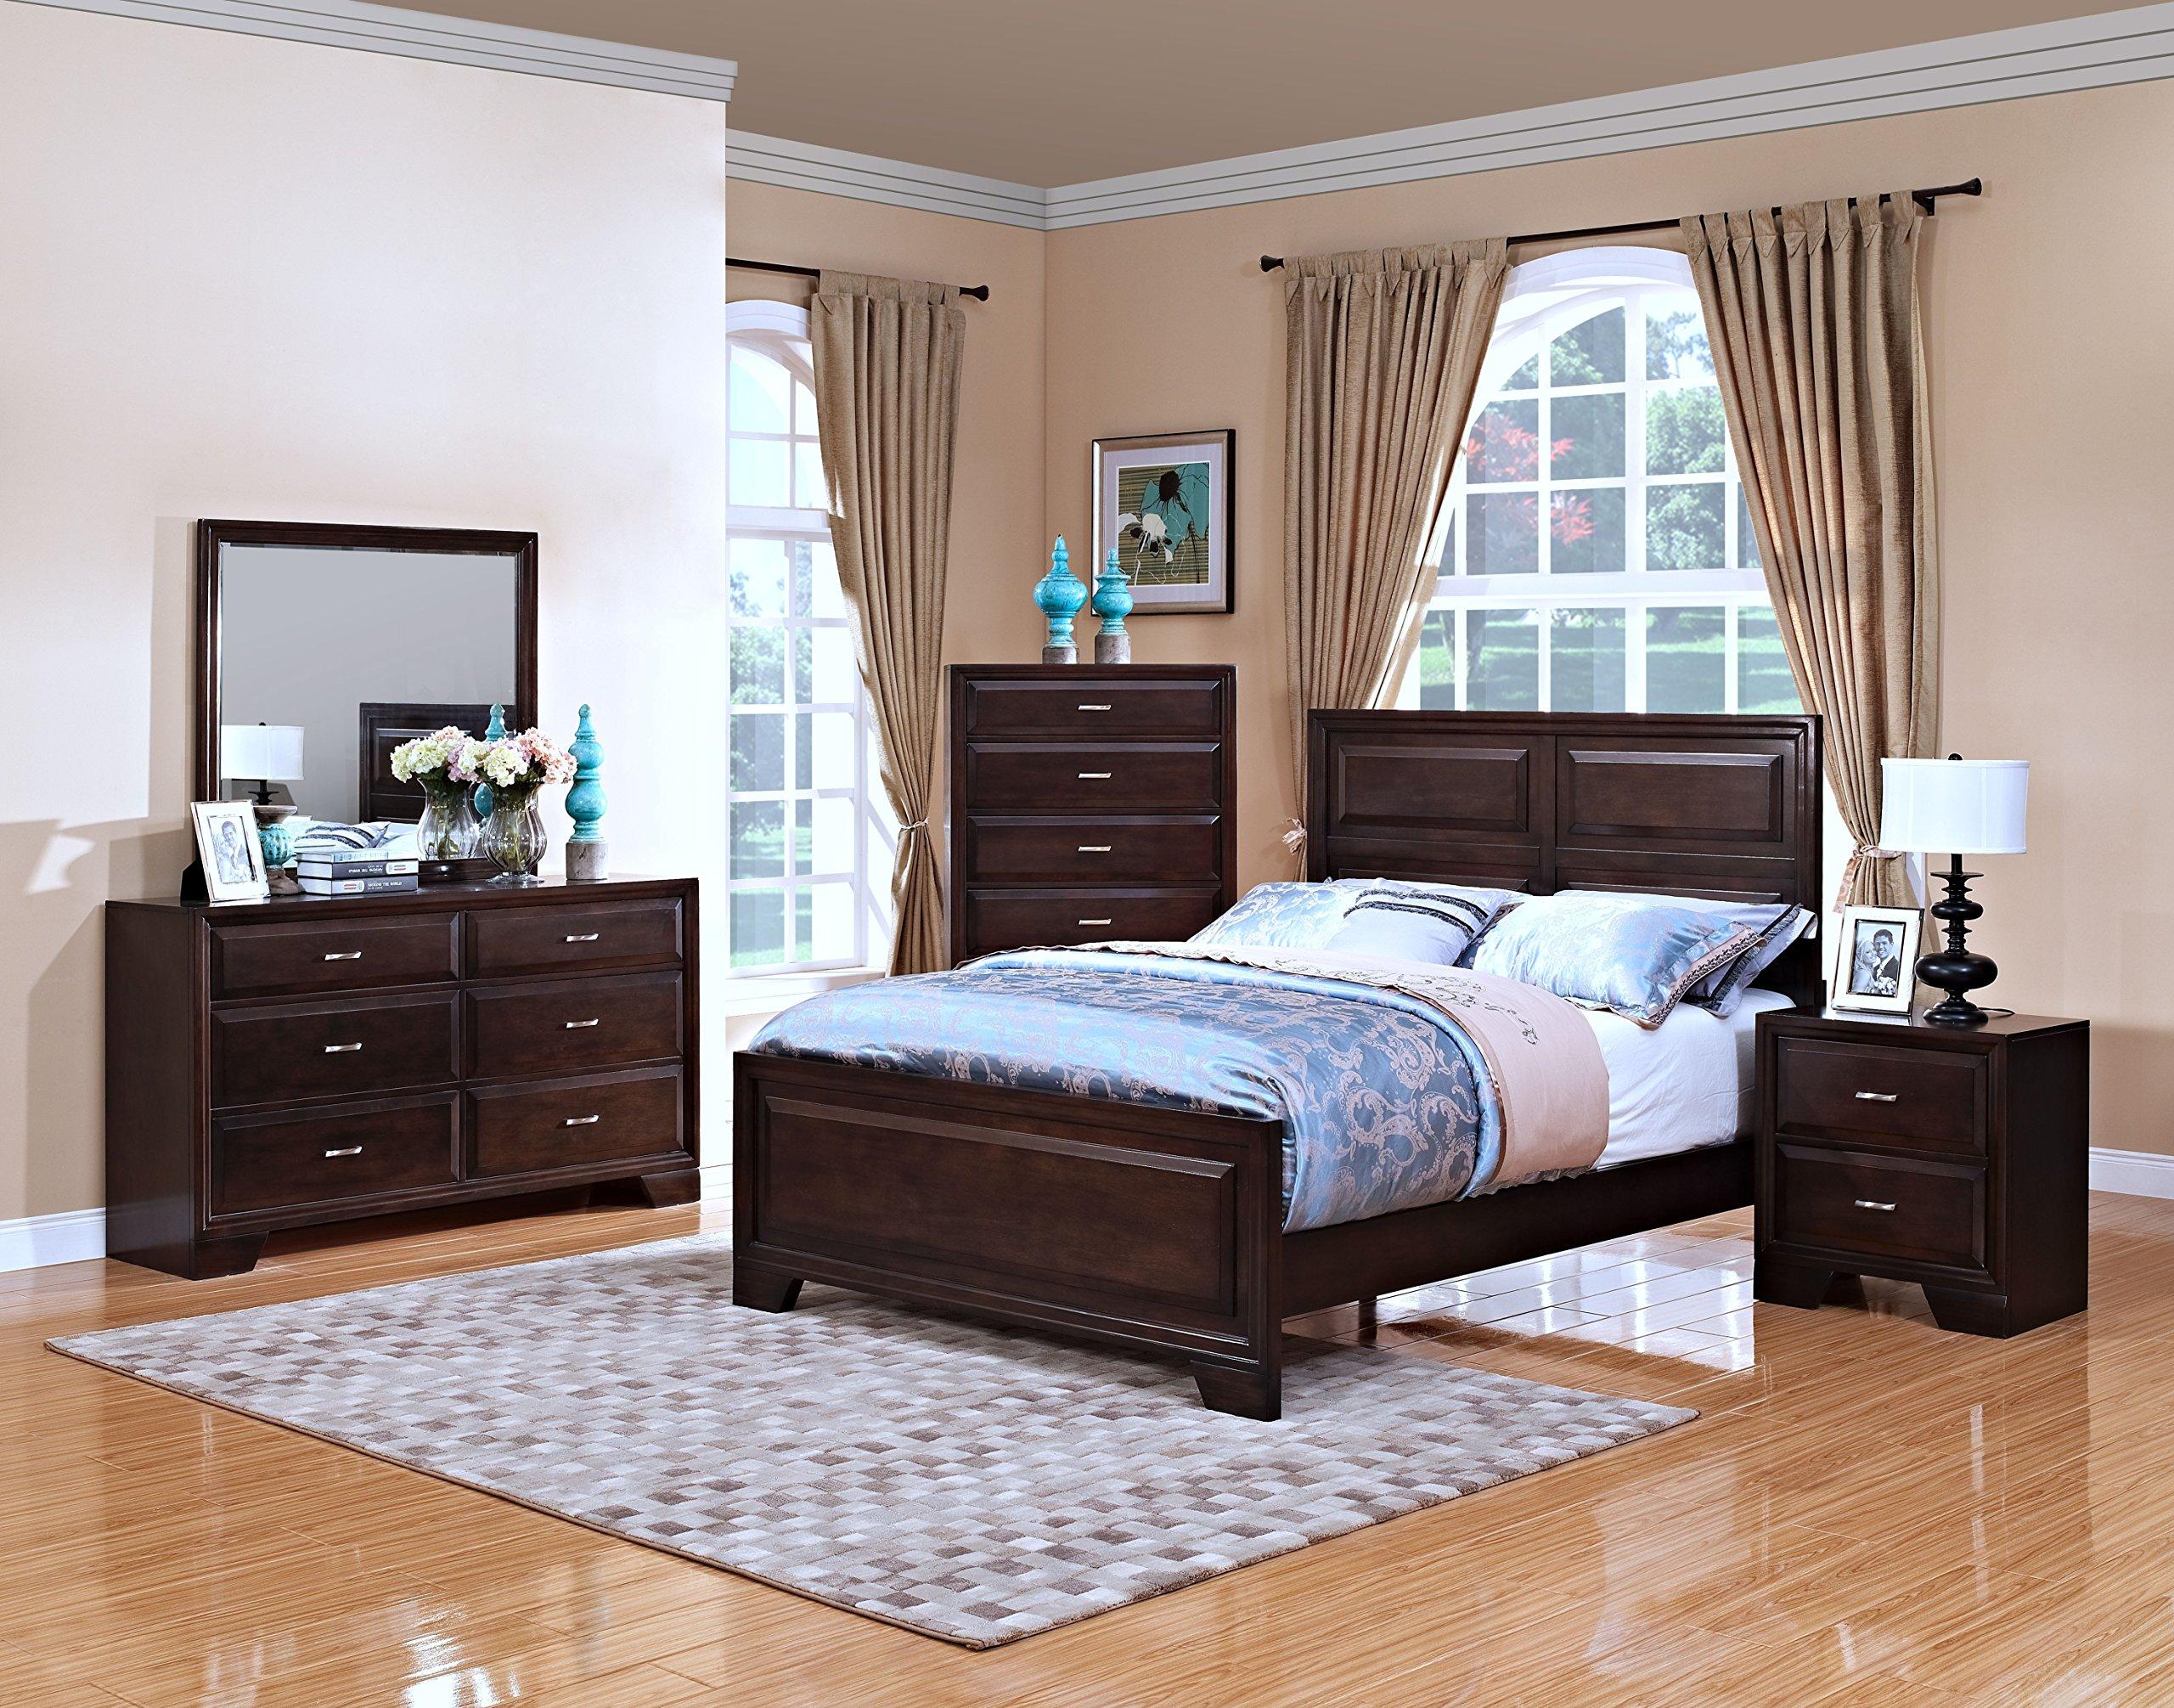 New Classic 00-143-34N Garrett 4-Piece Bedroom Set Queen Bed, Dresser, Mirror, Nightstand, Chestnut